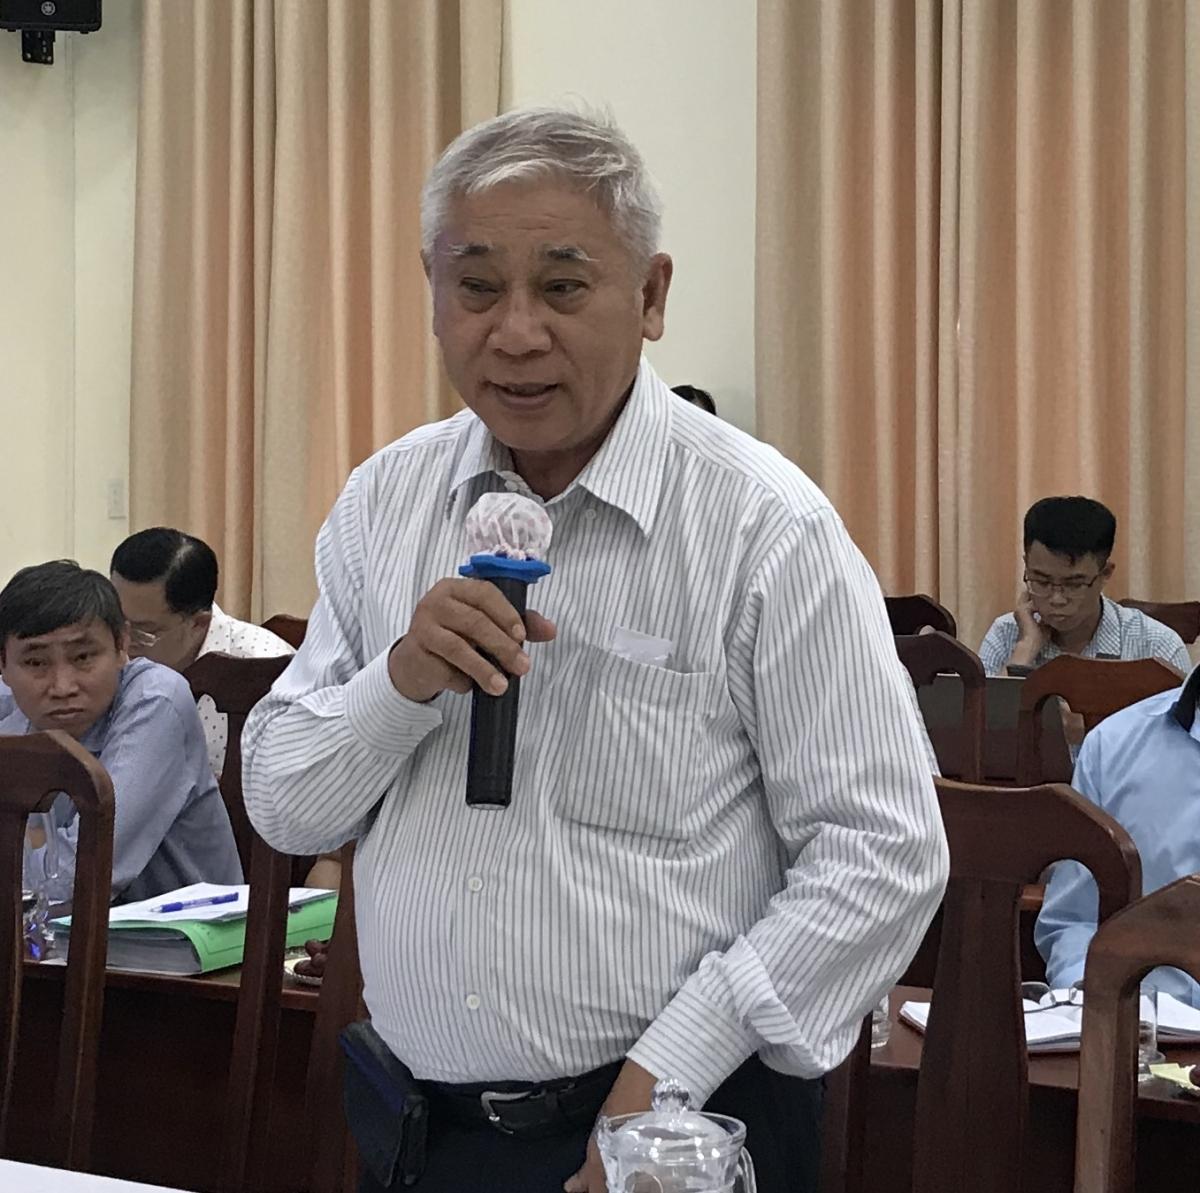 Ông Khương Văn Mười, Chủ tịch Hội Kiến trúc sư TPHCM cho rằng, có thể xin phép Chính phủ có cơ chế riêng cho TPHCM khi thực hiện Đề án sắp xếp đơn vị hành chính cấp huyện, cấp xã giai đoạn 20192-2021